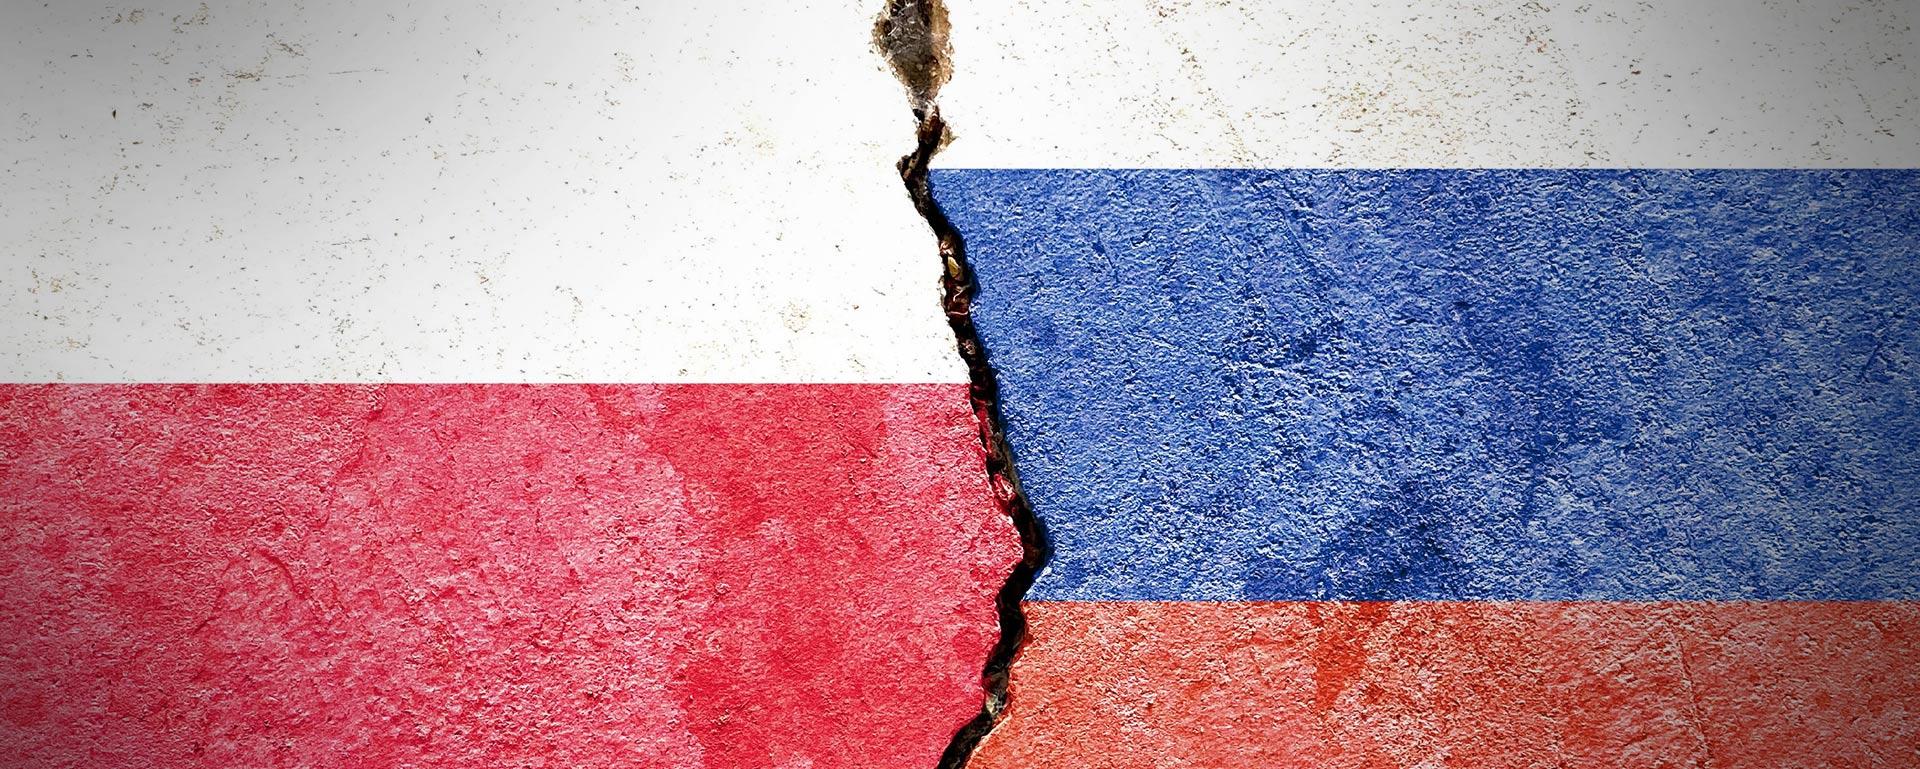 Jak kształtują się szanse Polaków w starciu z Rosją?